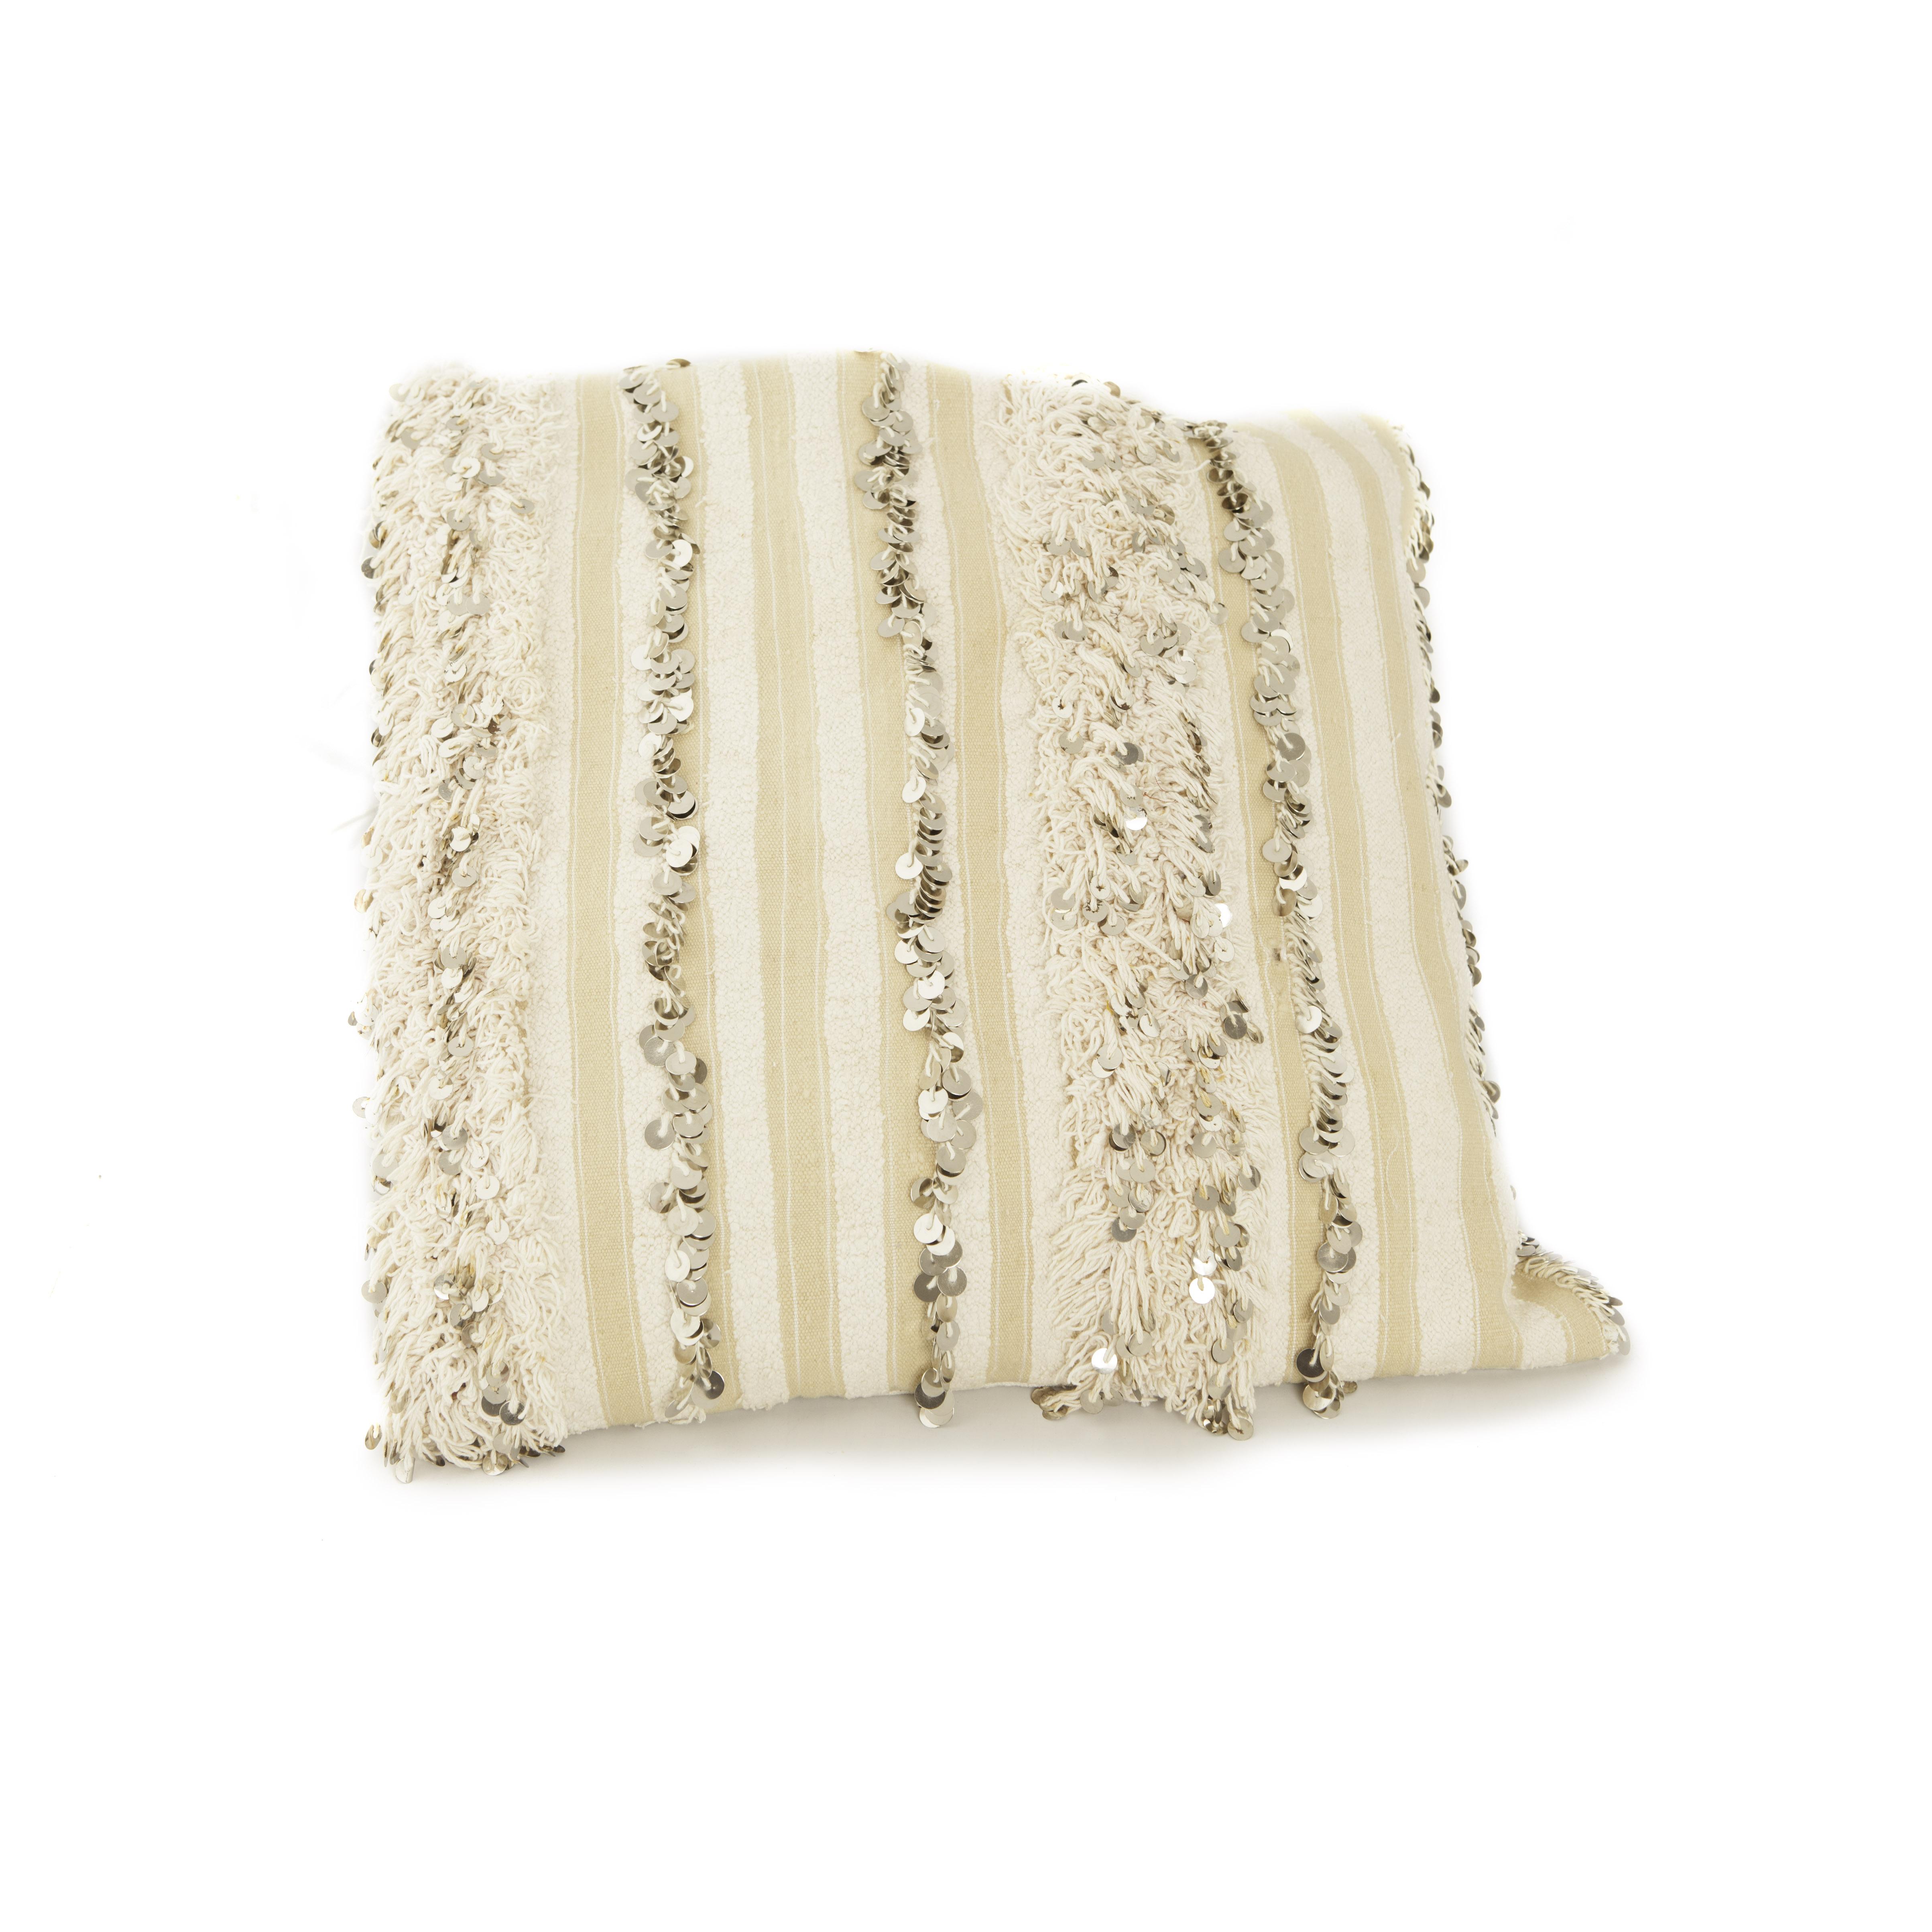 Handira cushion